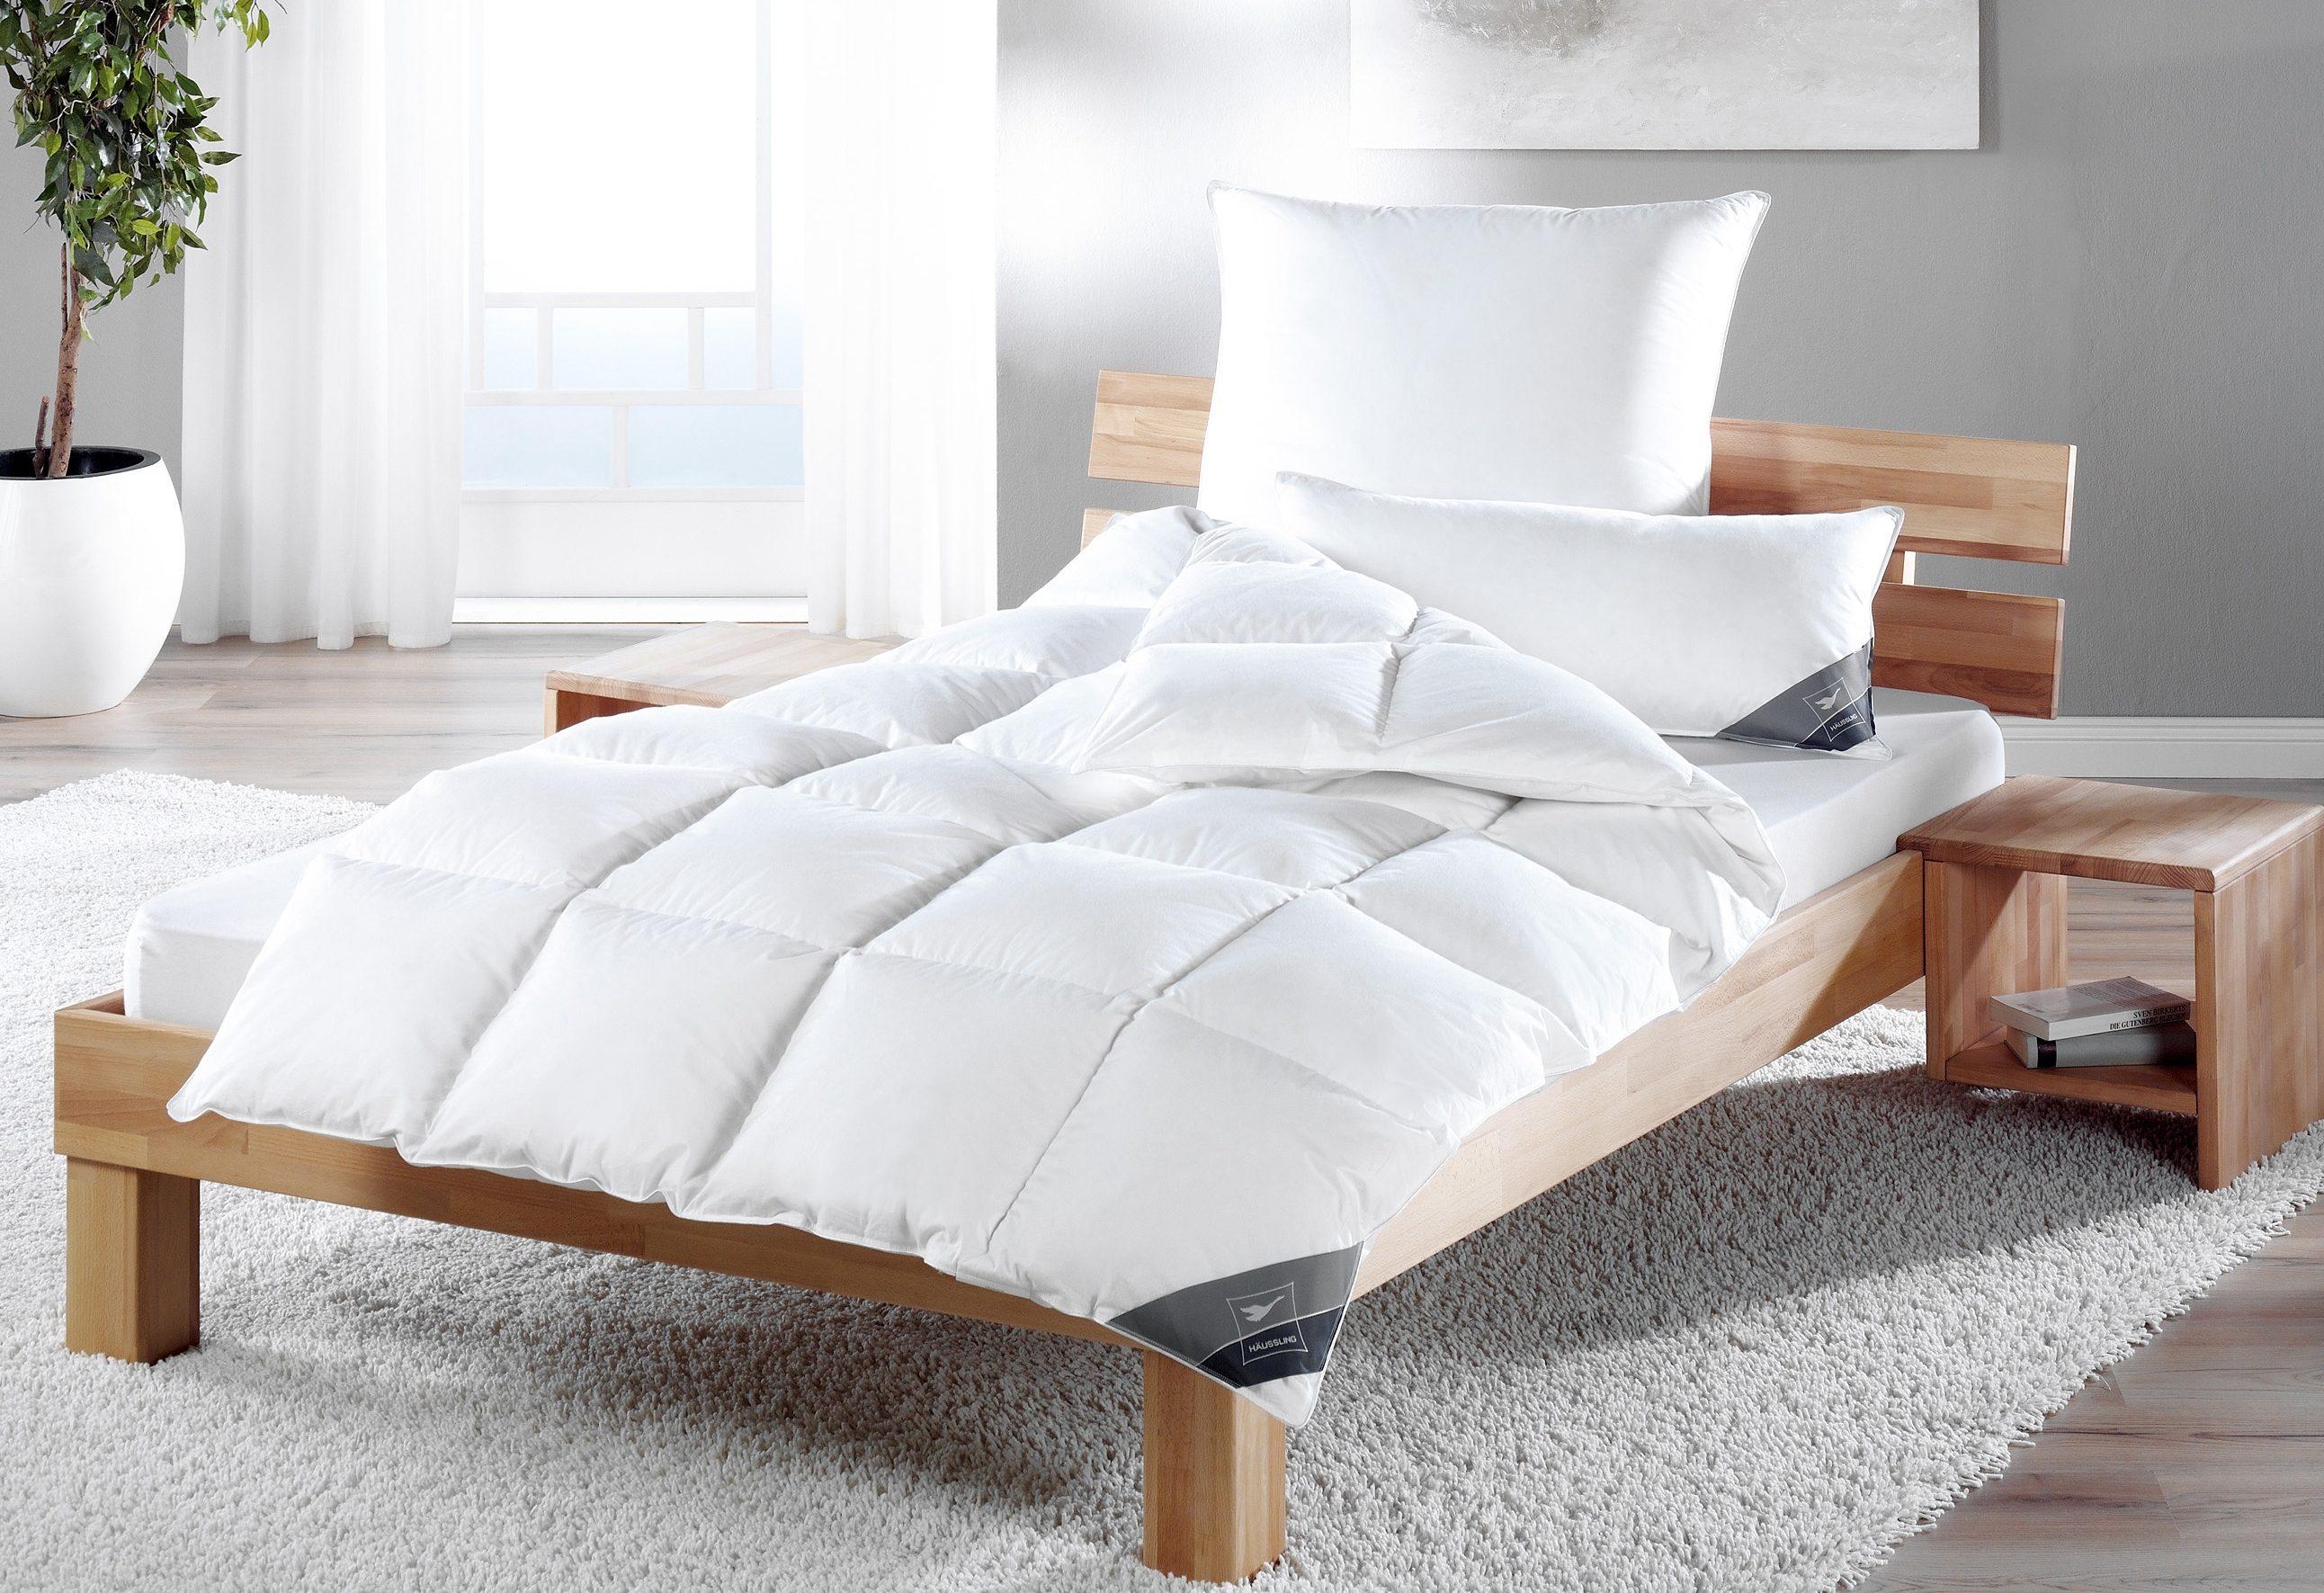 Daunenbettdecke Kuscheltraum Haeussling extrawarm Füllung: 60% Daunen 40% Federn Bezug: 100% Baumwolle